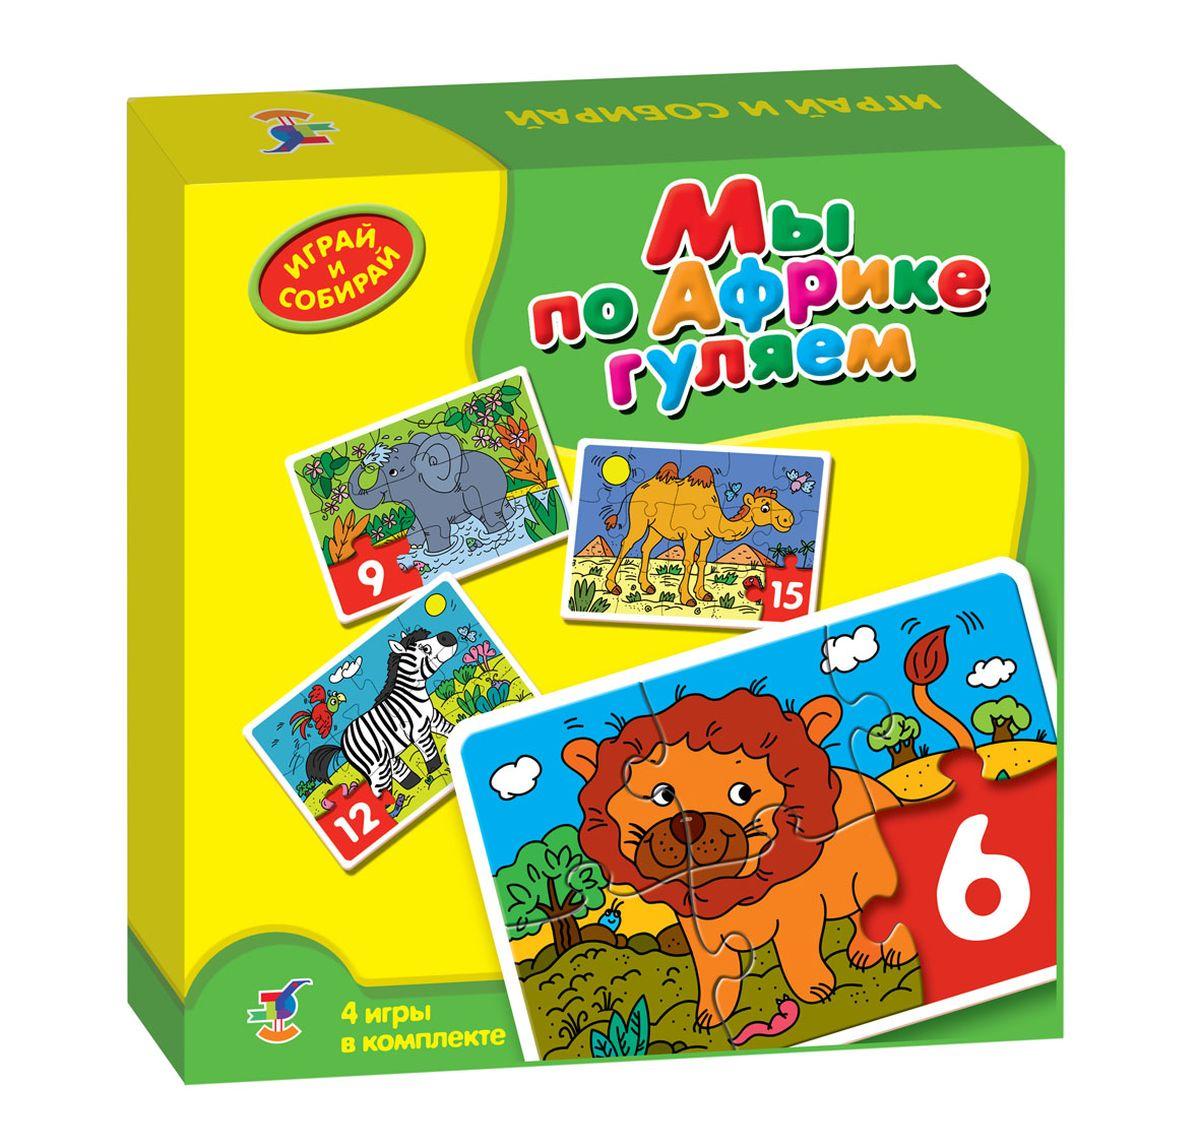 Дрофа-Медиа Пазл Мы по Африке гуляем2077Пазл Дрофа-Медиа Мы по Африке гуляем представляет собой комплект из четырех пазловых картинок, состоящих из 6, 9, 12 и 15 элементов. Игра-пазл учит ребенка собирать простые картинки, подбирать детали по форме и изображению. Собрав 4 картинки, ребенок получит изображения животных - зебры, льва, верблюда, слона. Пазл Дрофа-Медиа Мы по Африке гуляем способствует развитию наглядно-образного мышления, памяти, внимания, мелкой моторики рук и усидчивости.